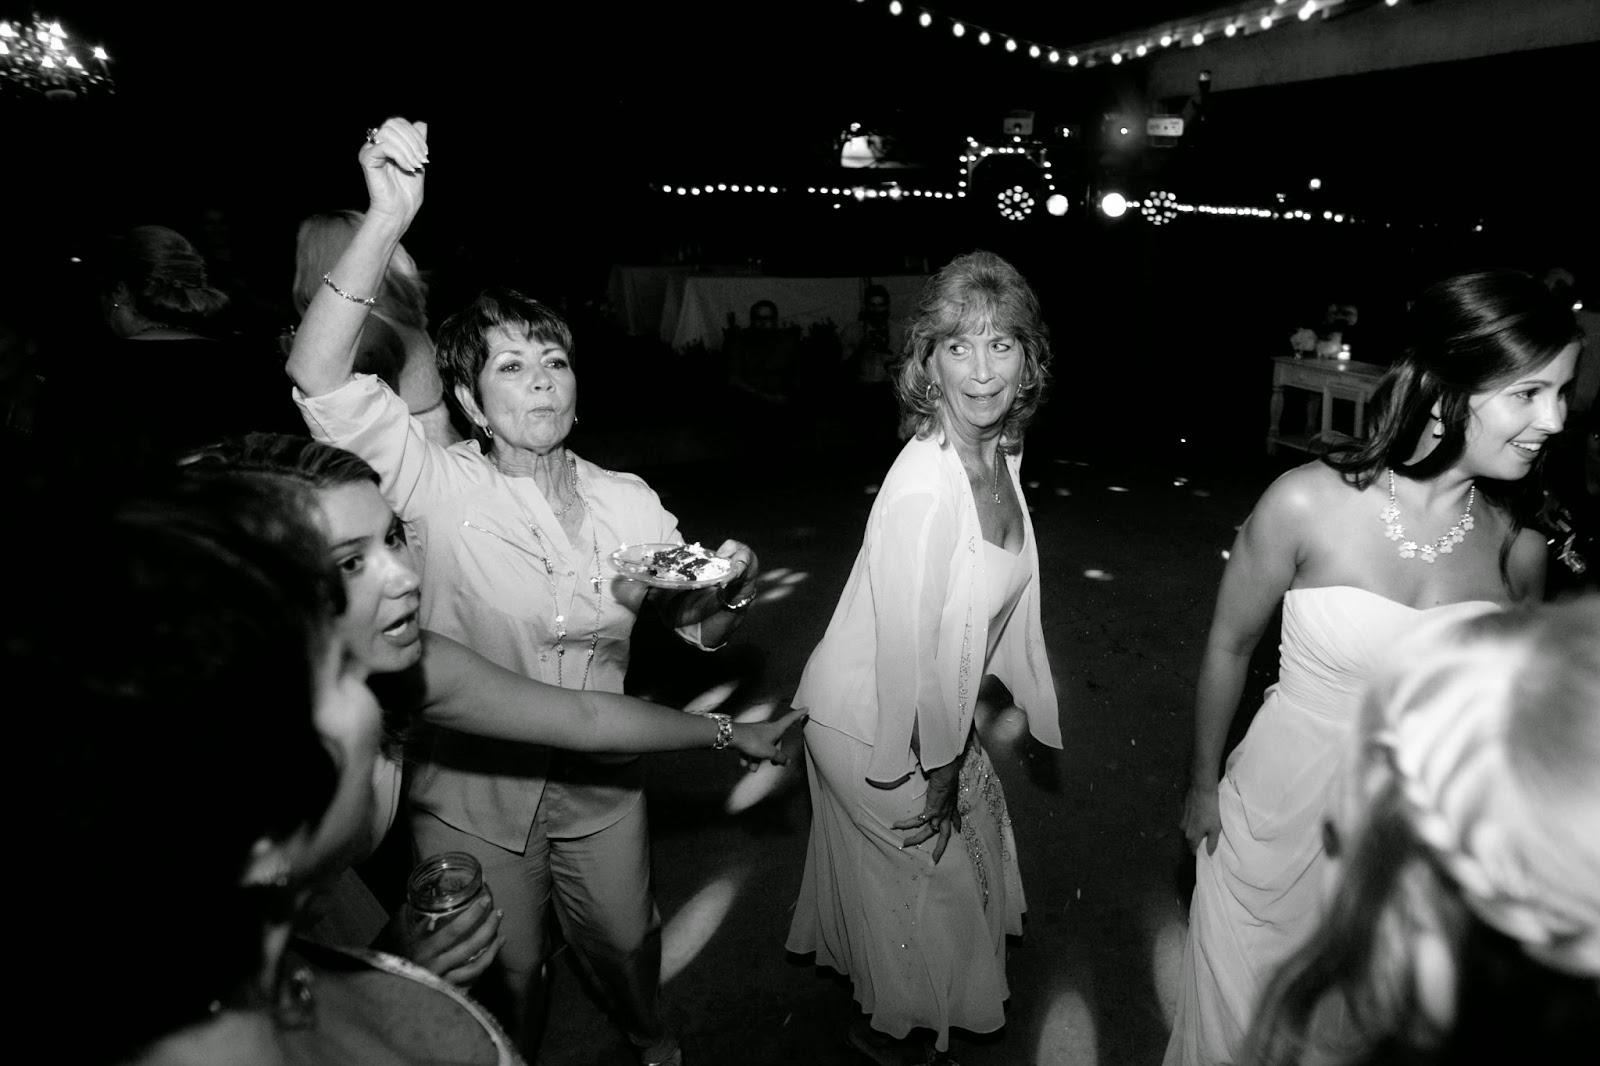 grandmas dancing